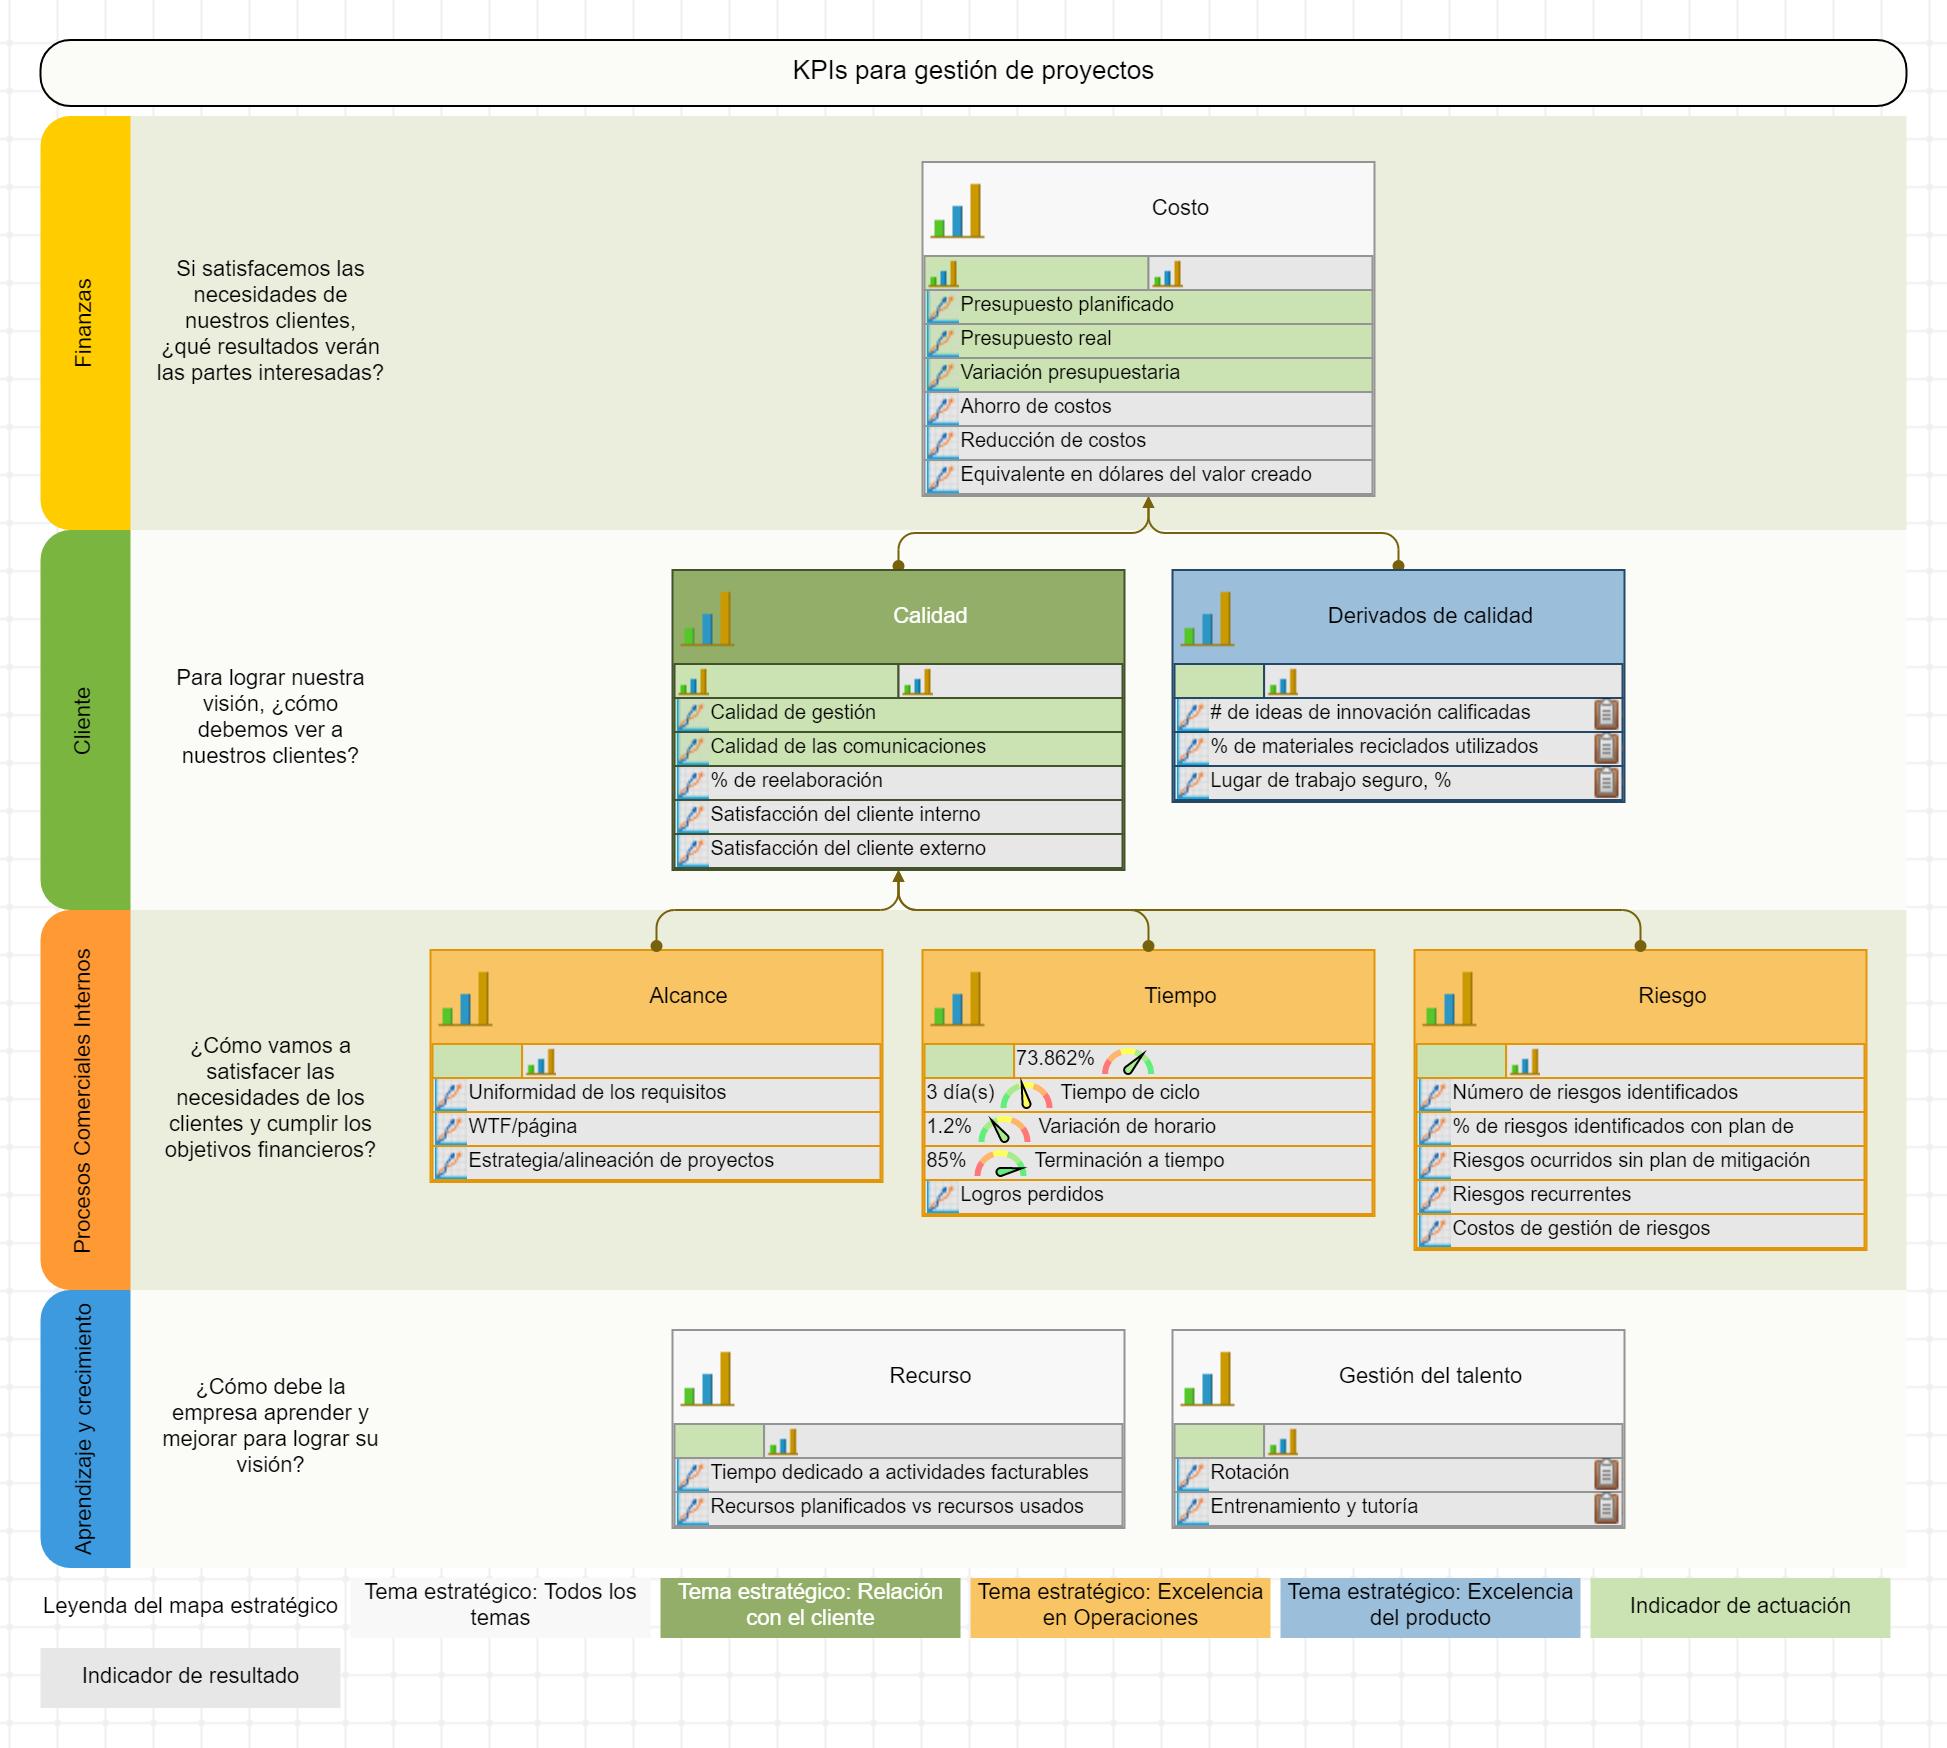 KPIs de gestión de proyectos en el mapa estratégico